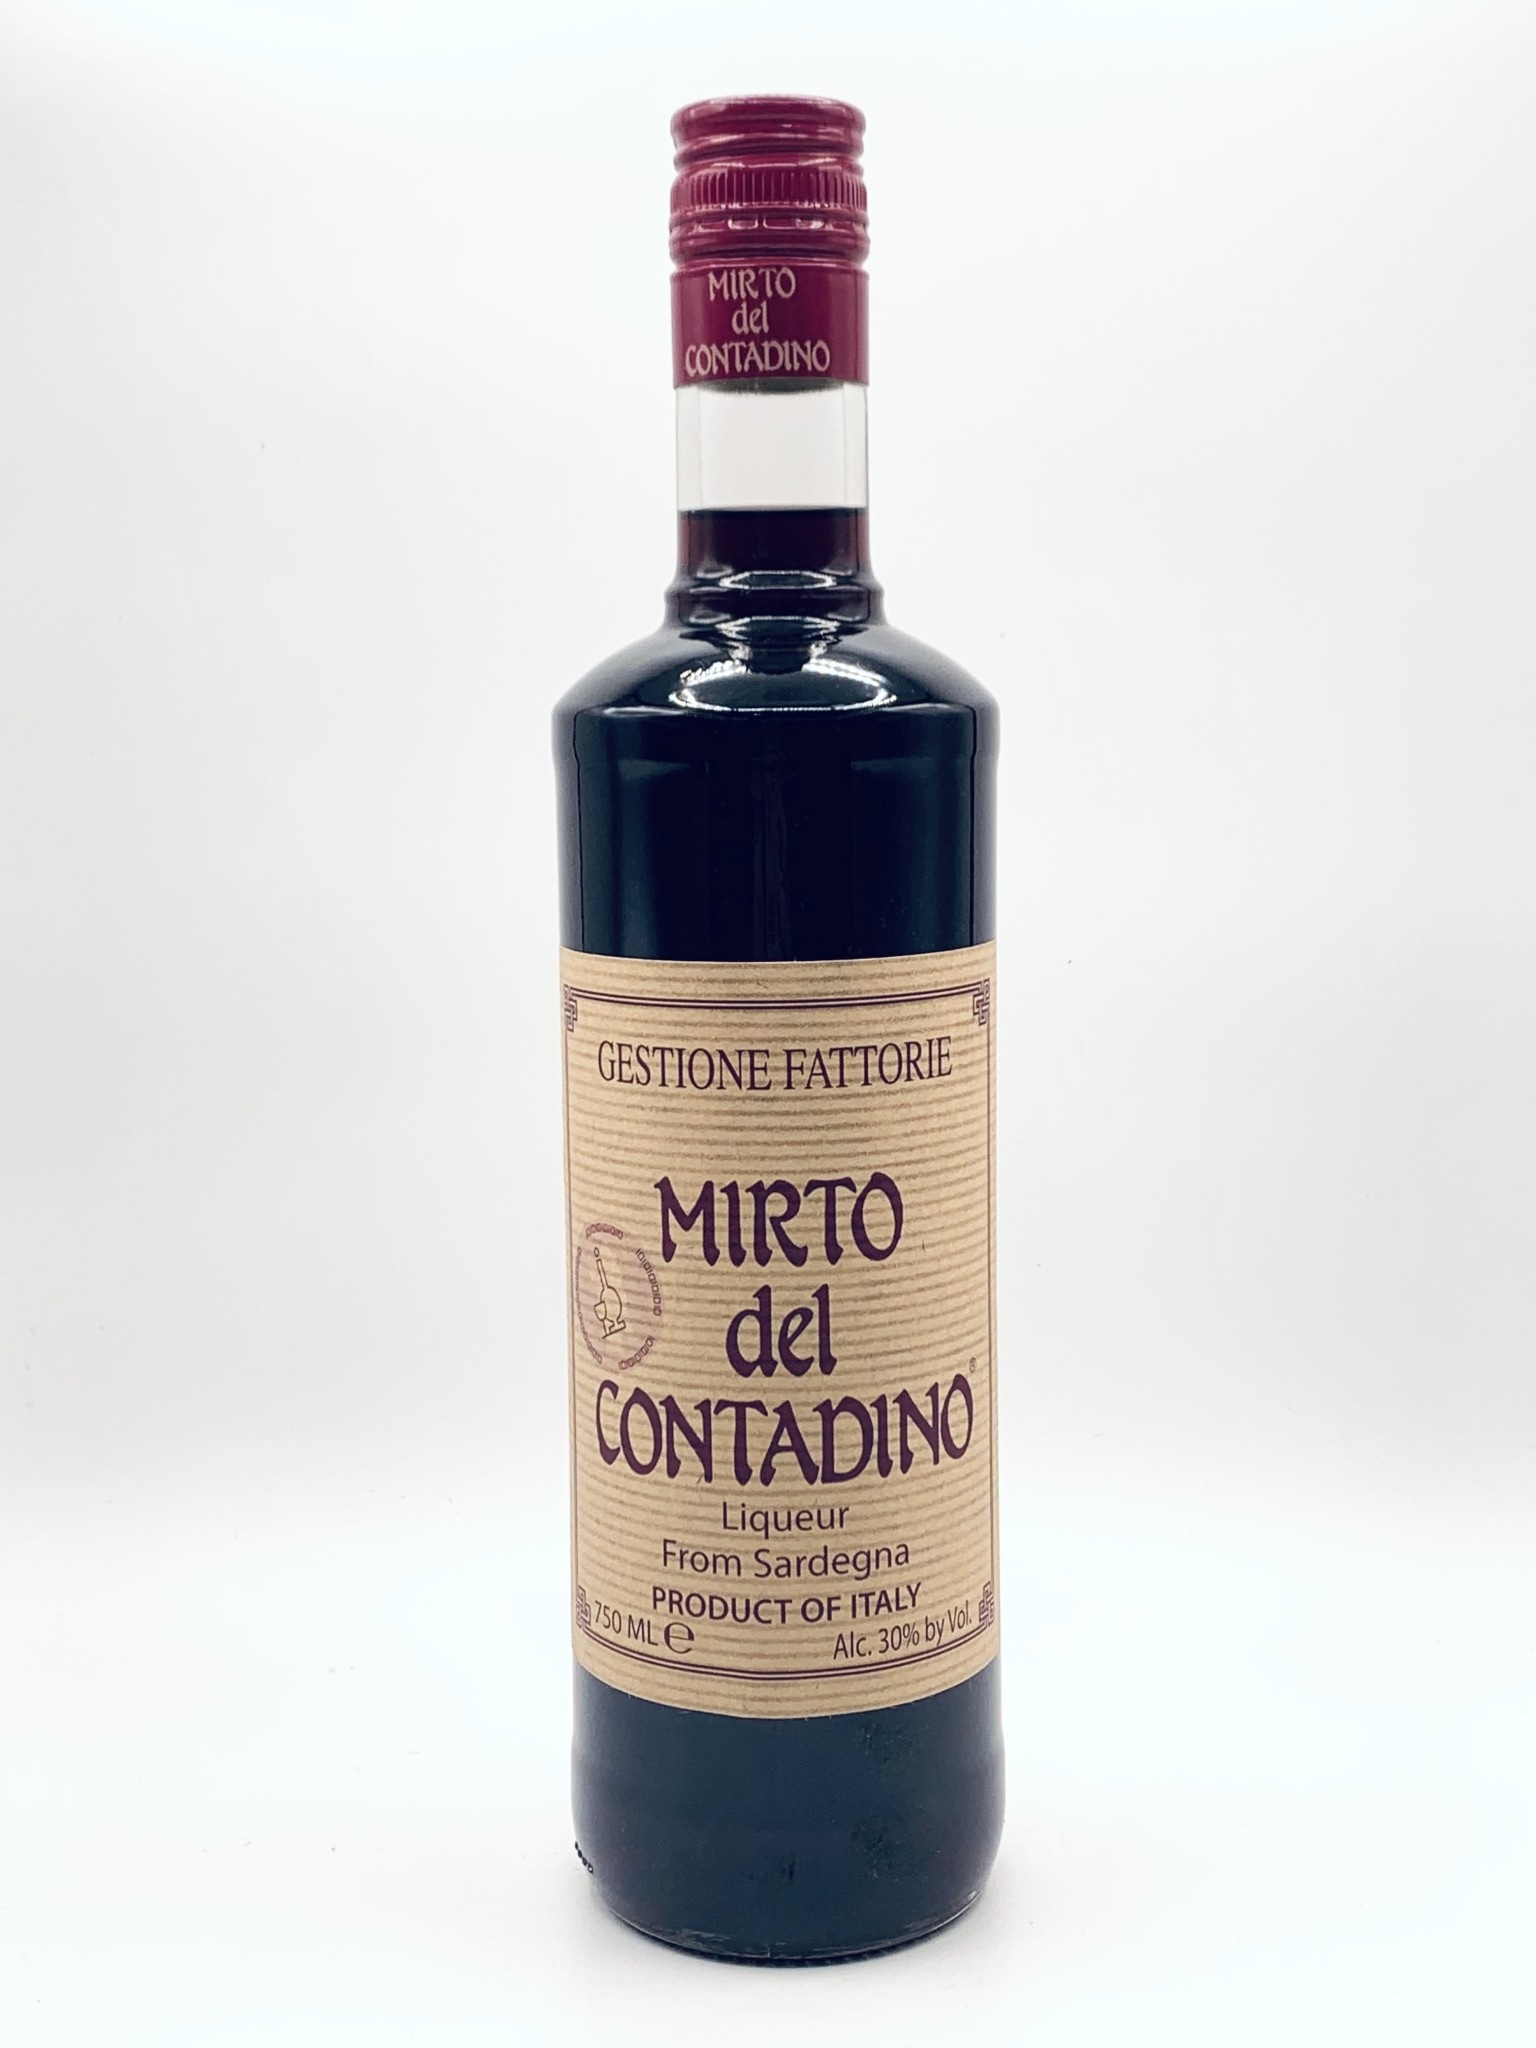 Gestione Fattorie - Mirto del Contadino Liqueur di Sardegna 750ml (60 Proof)